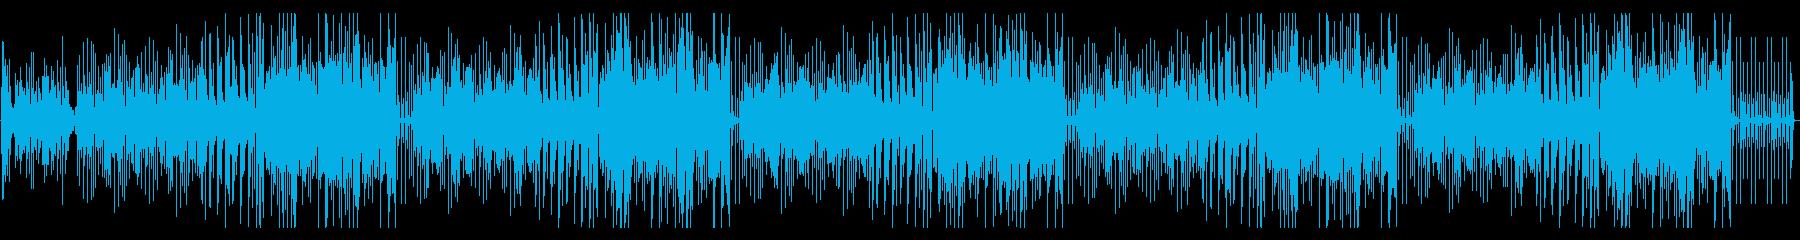 ごきげん!ポップでアコースティックな曲の再生済みの波形